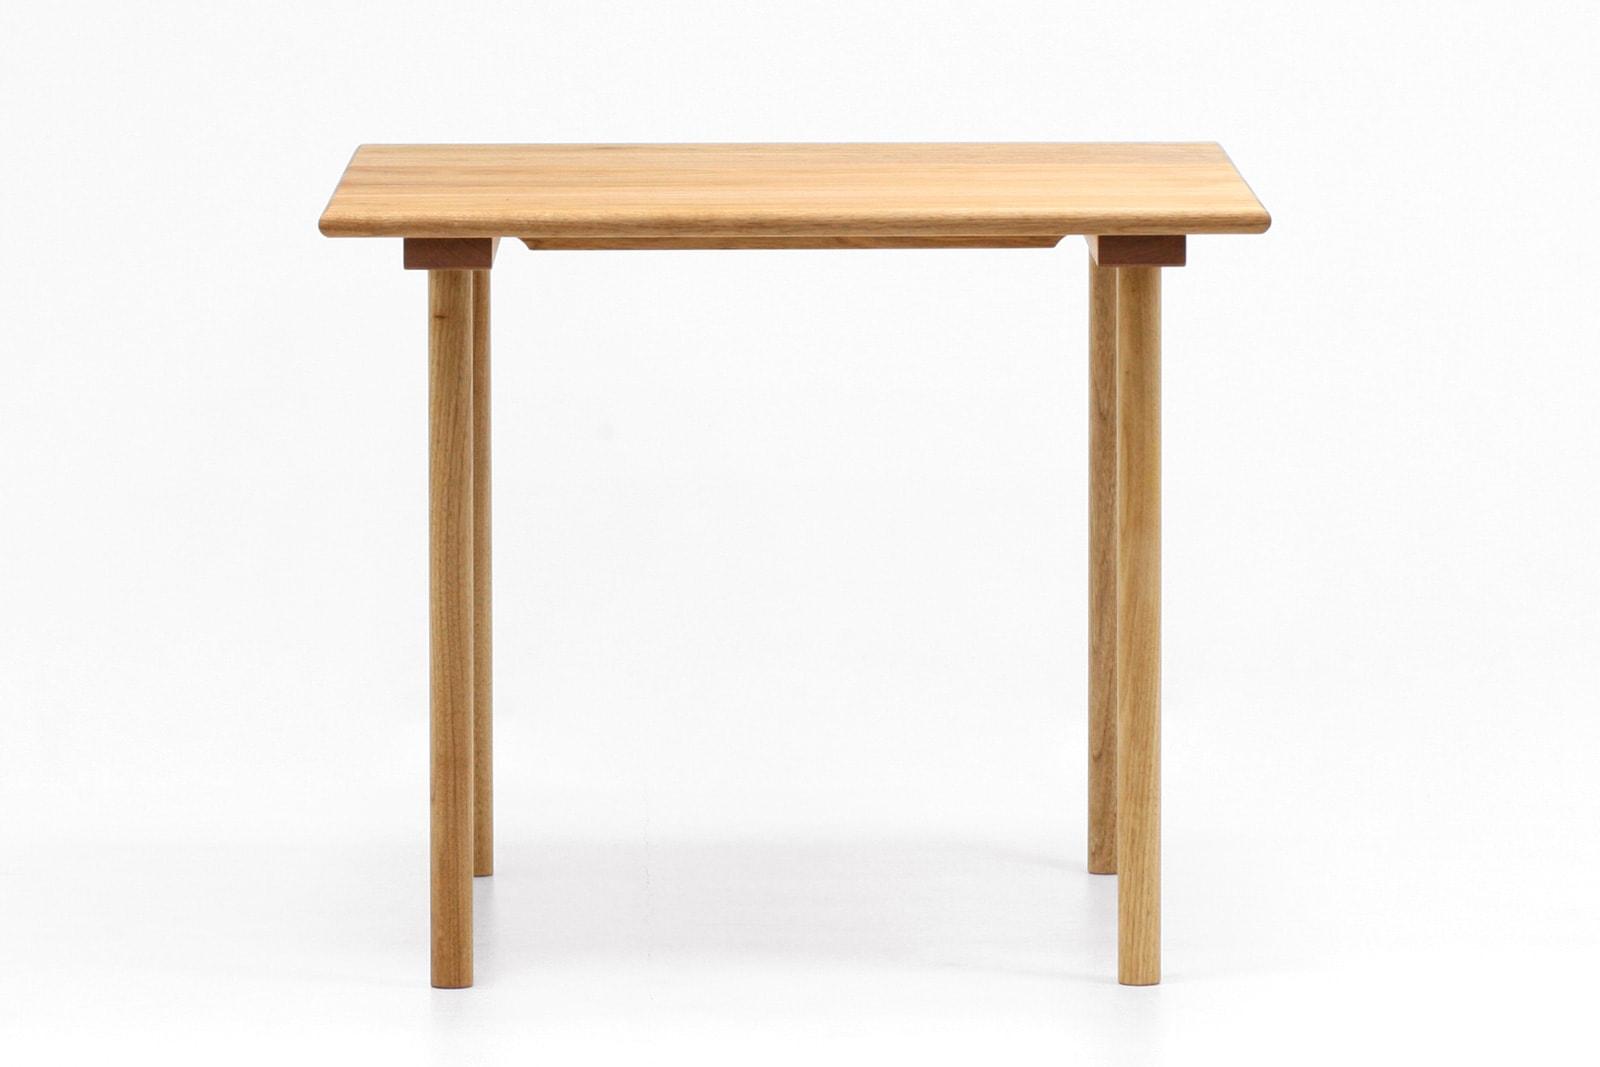 家具職人,手作り,オーダー家具,ダイニングテーブル,正方形